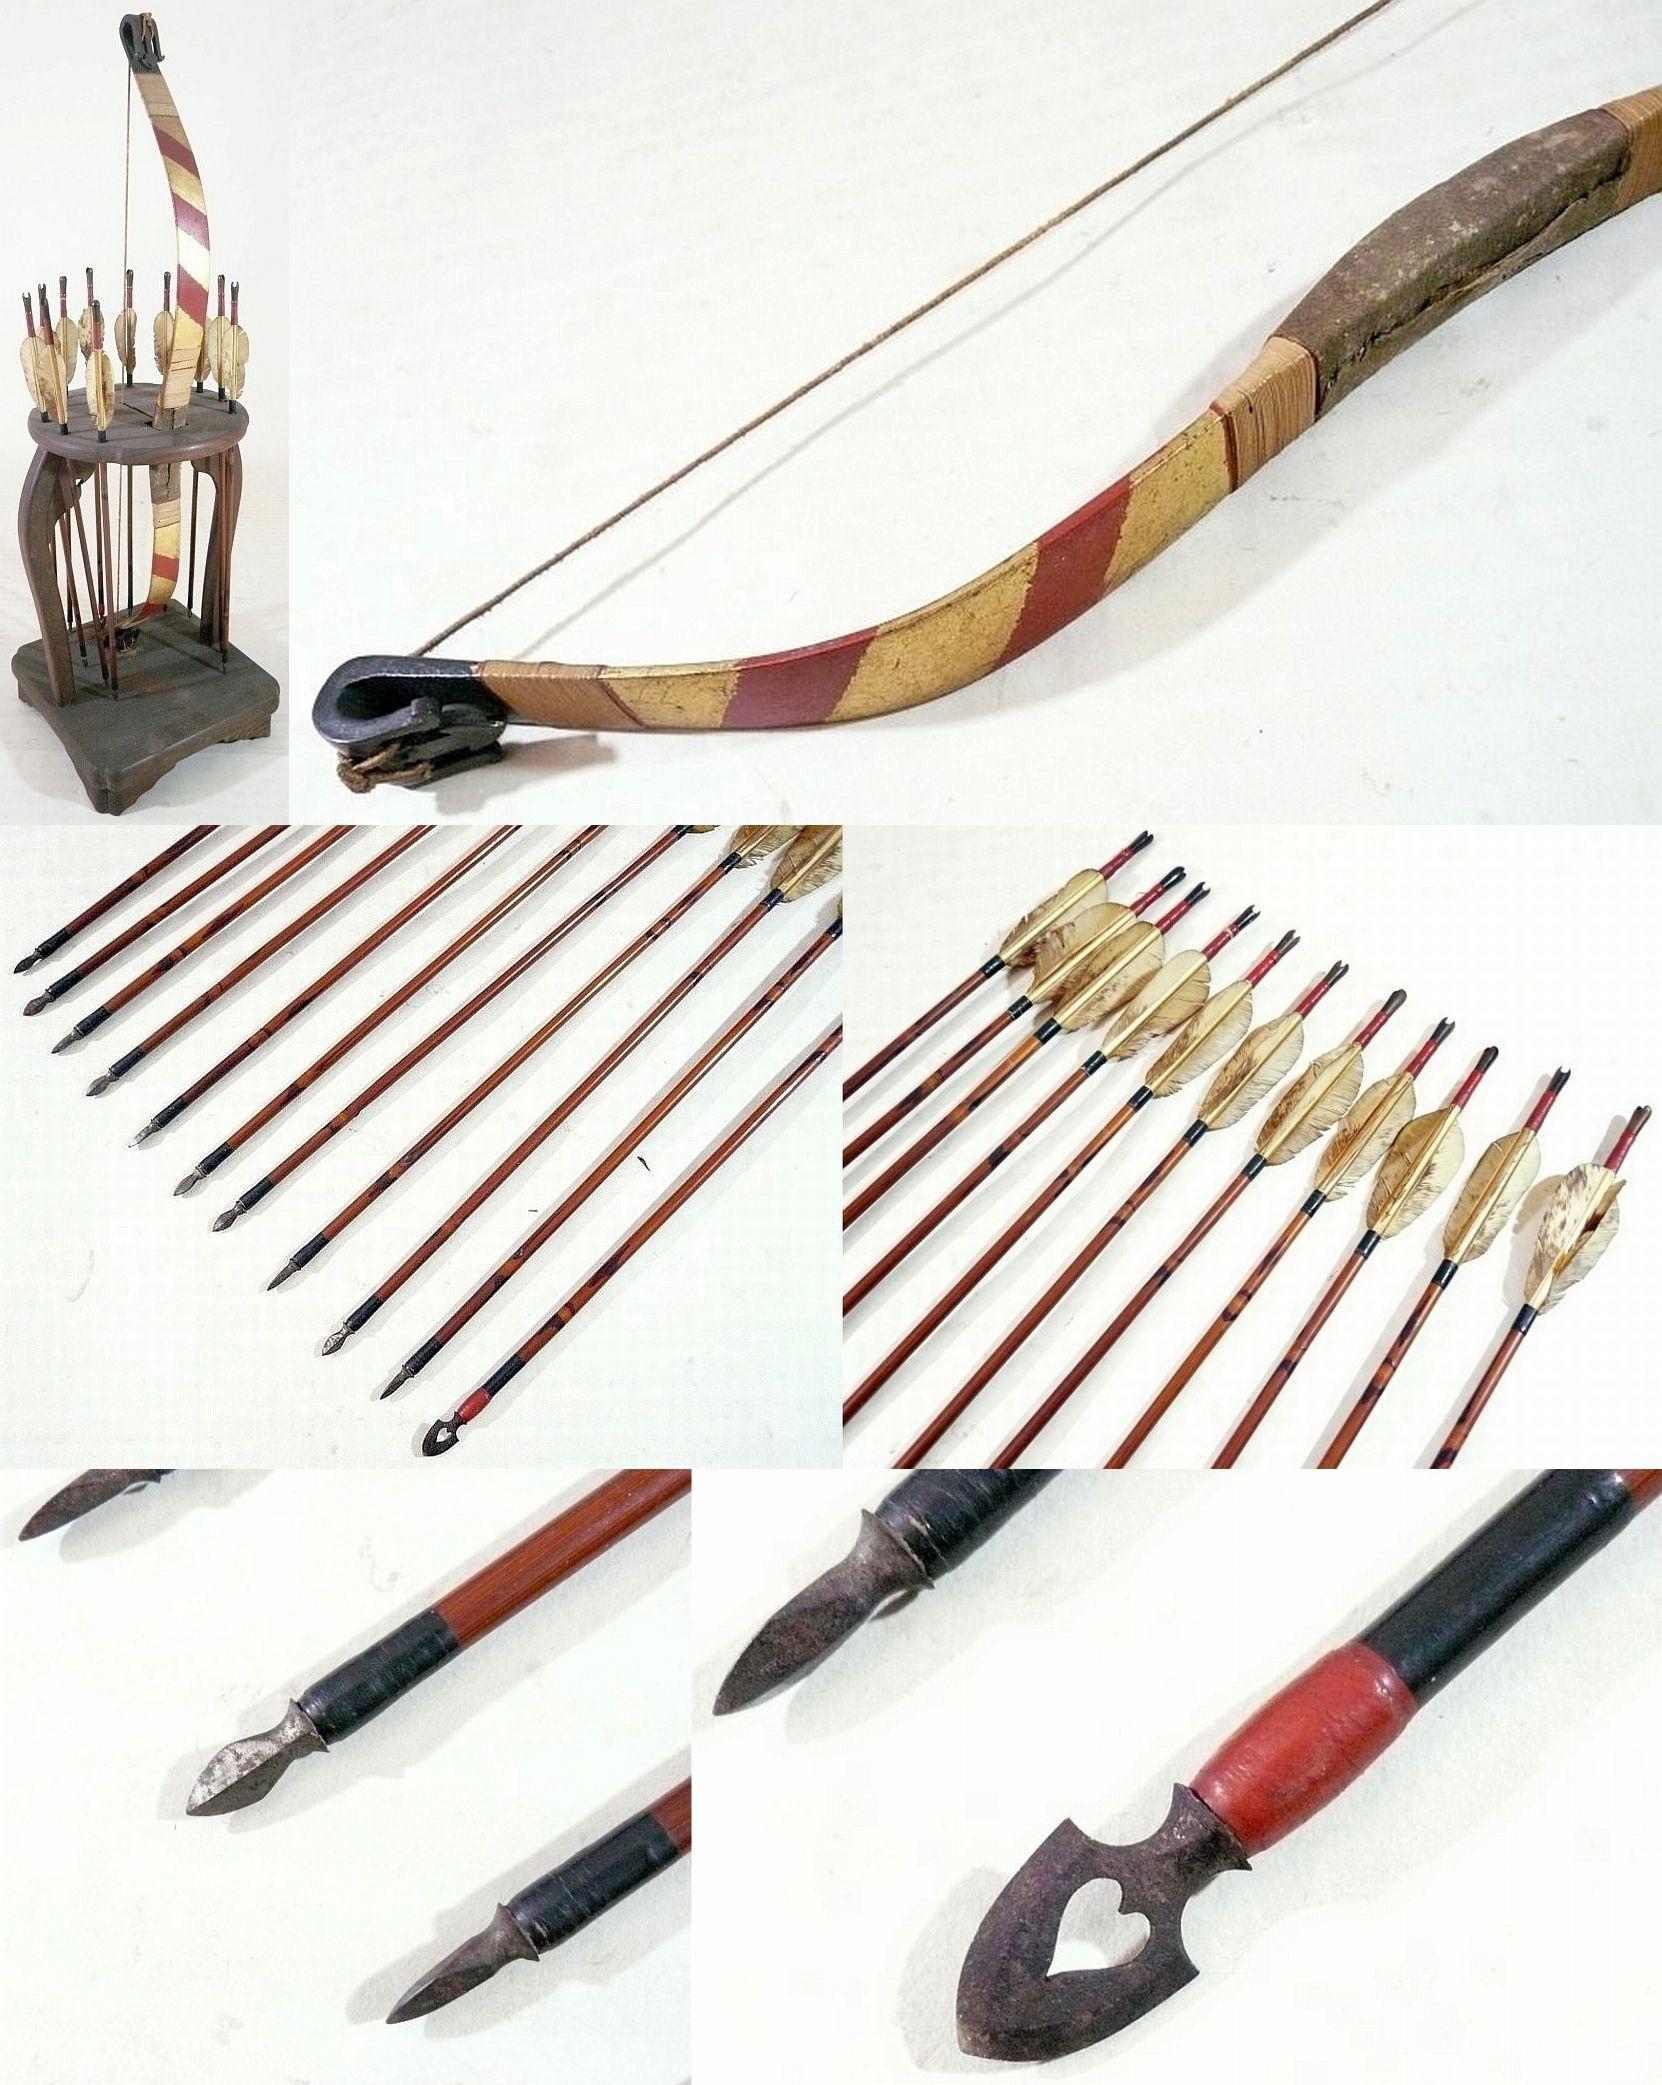 Antique Archery Equipment Best 2000 Antique Decor Ideas